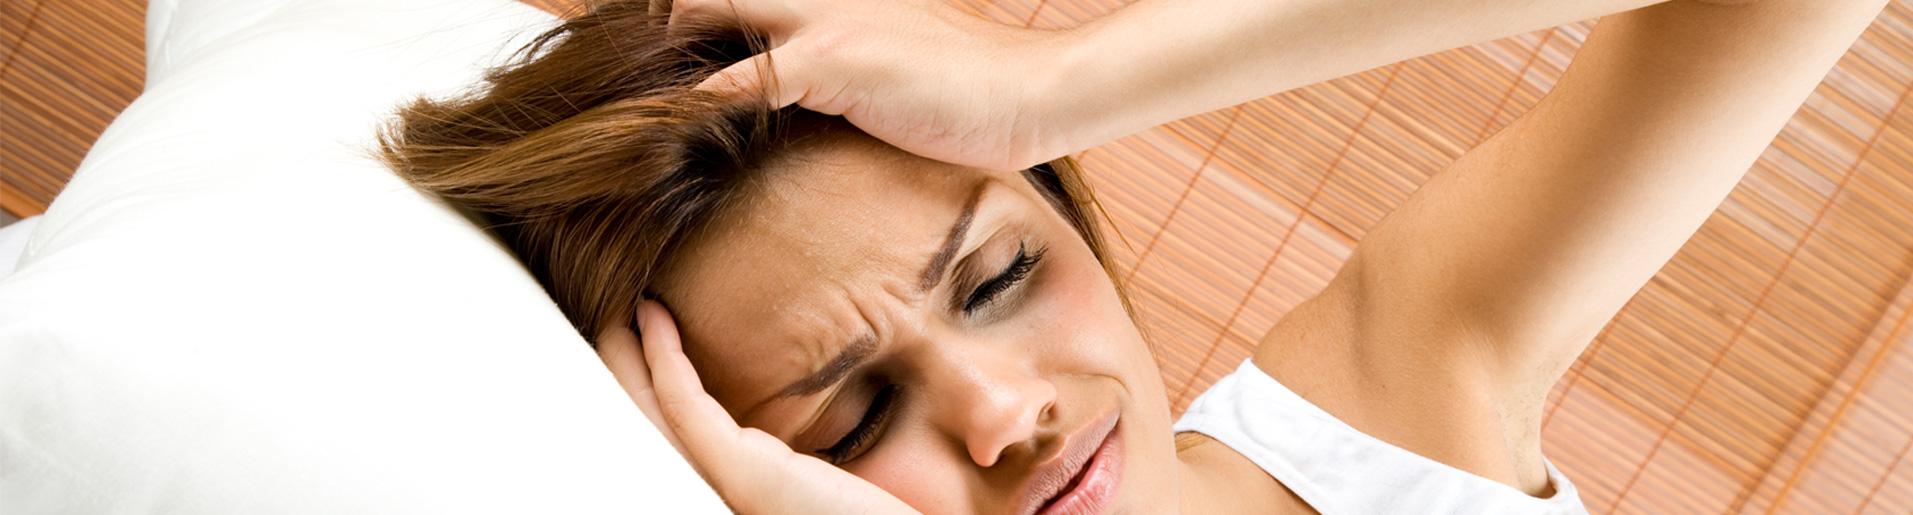 headache-header_0